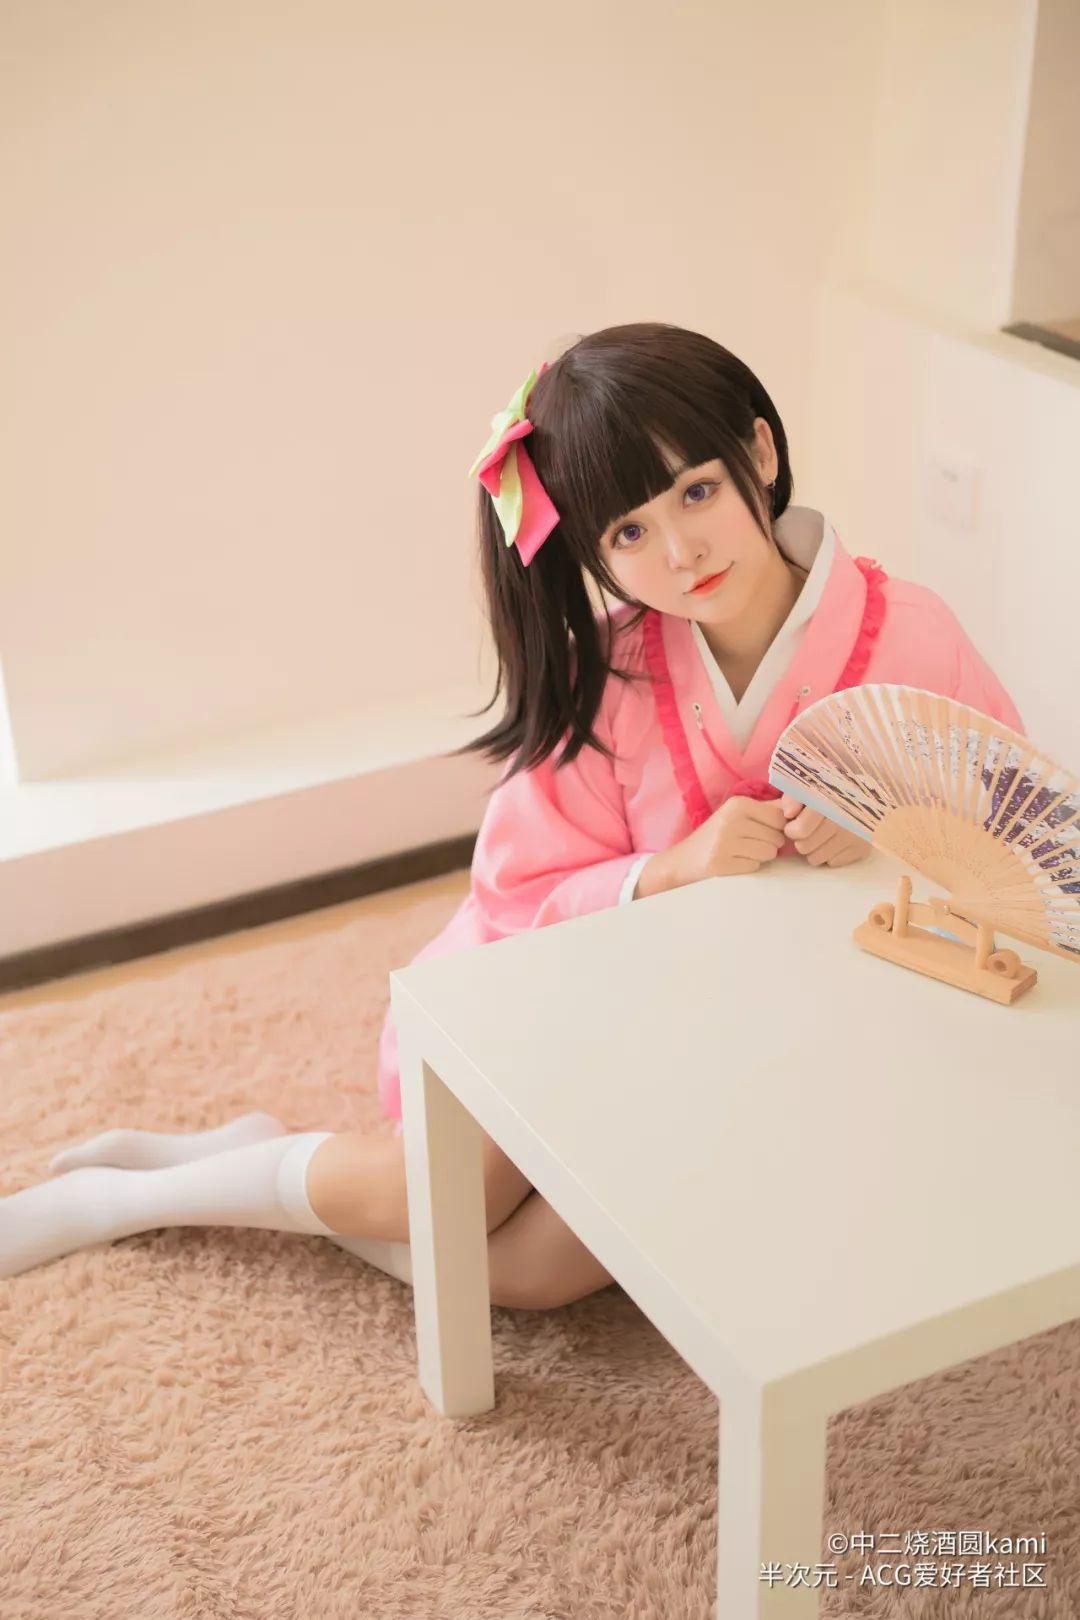 妹子摄影 – 双倍快乐!粉粉嫩嫩白丝袜汉服姐妹花_图片 No.15